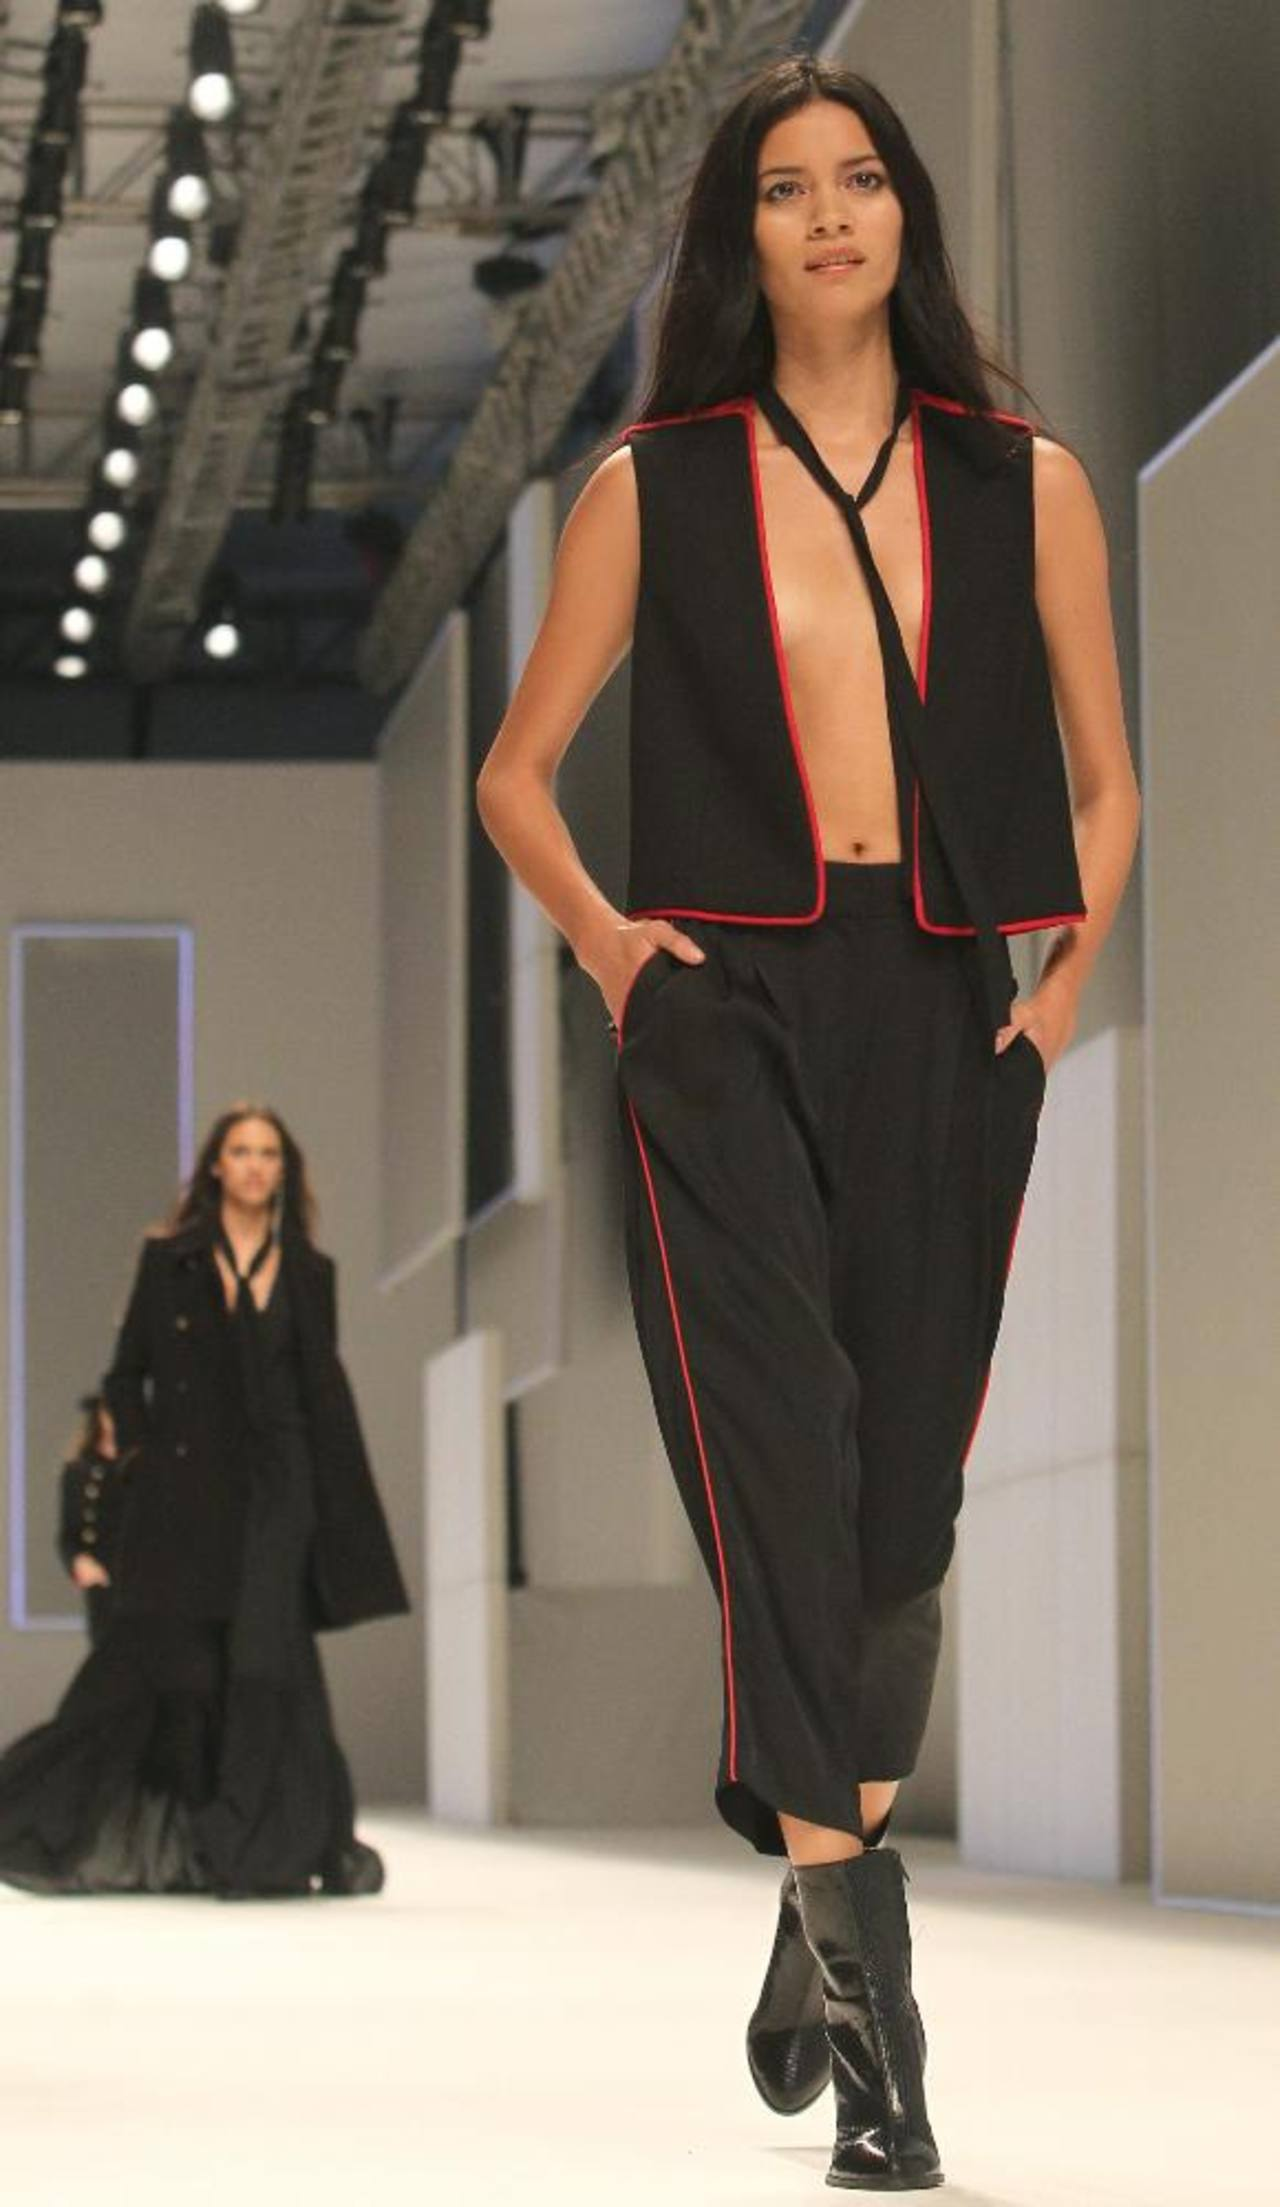 Modelo matemático indica si la persona va a la moda